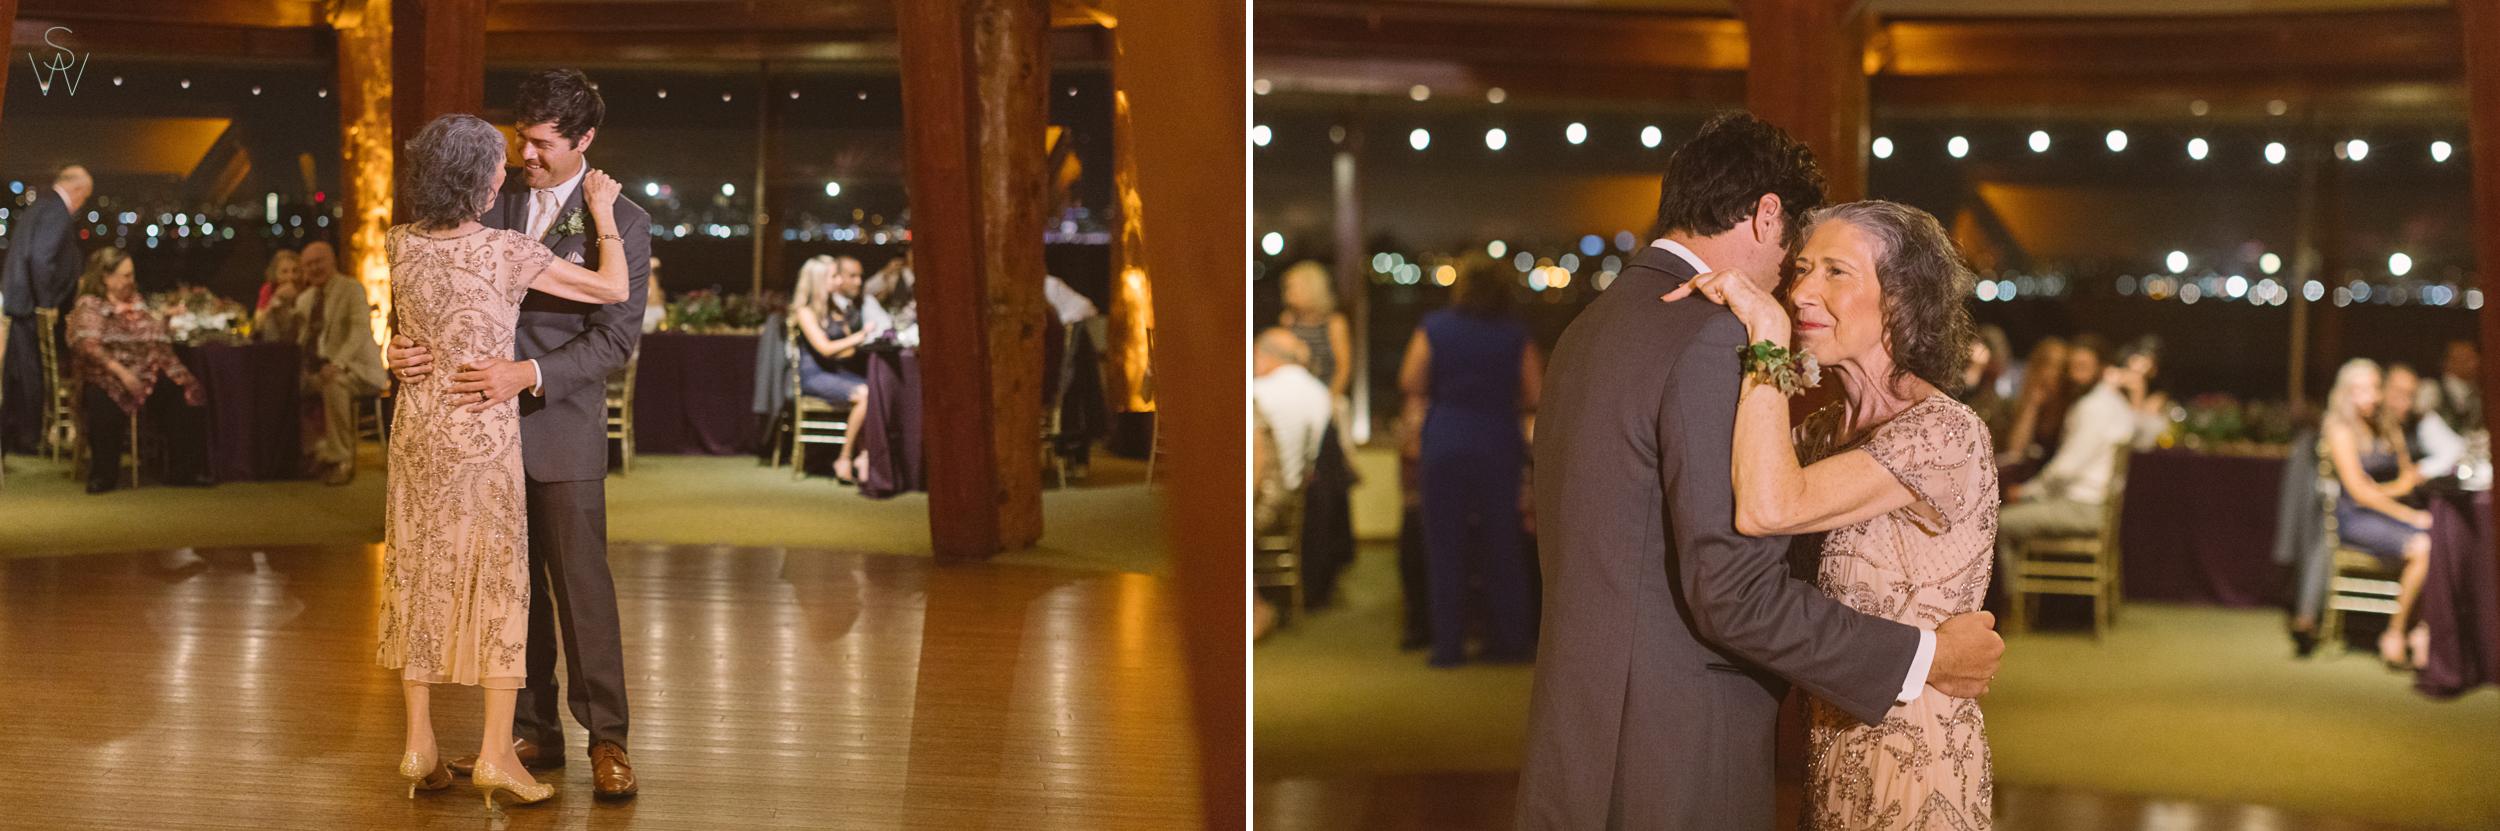 192San.diego.wedding.shewanders.photography.JPG